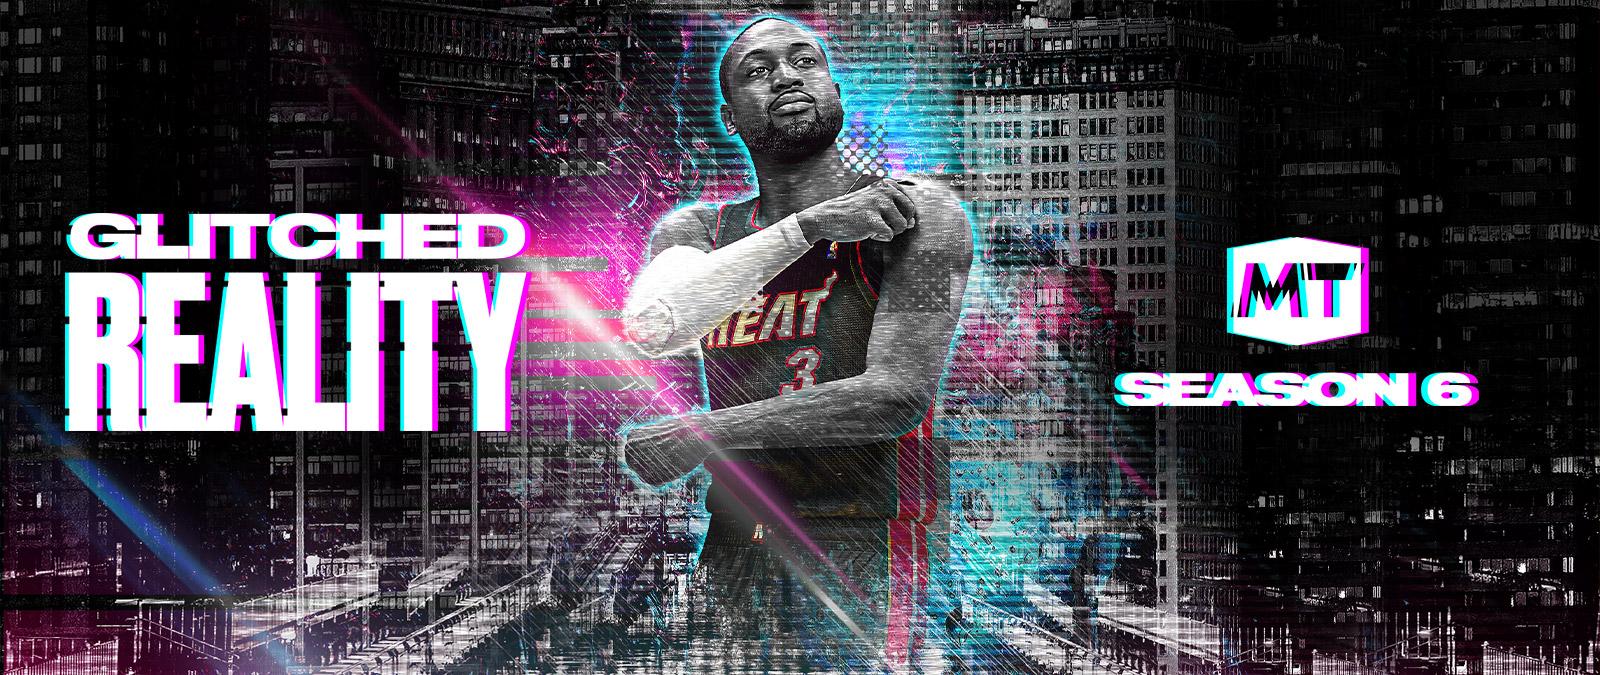 Glitched Reality, MT Temporada 6, Dwyane Wade posa con una camiseta de los Heat sobre un fondo urbano que tiene un efecto artístico distorsionado.